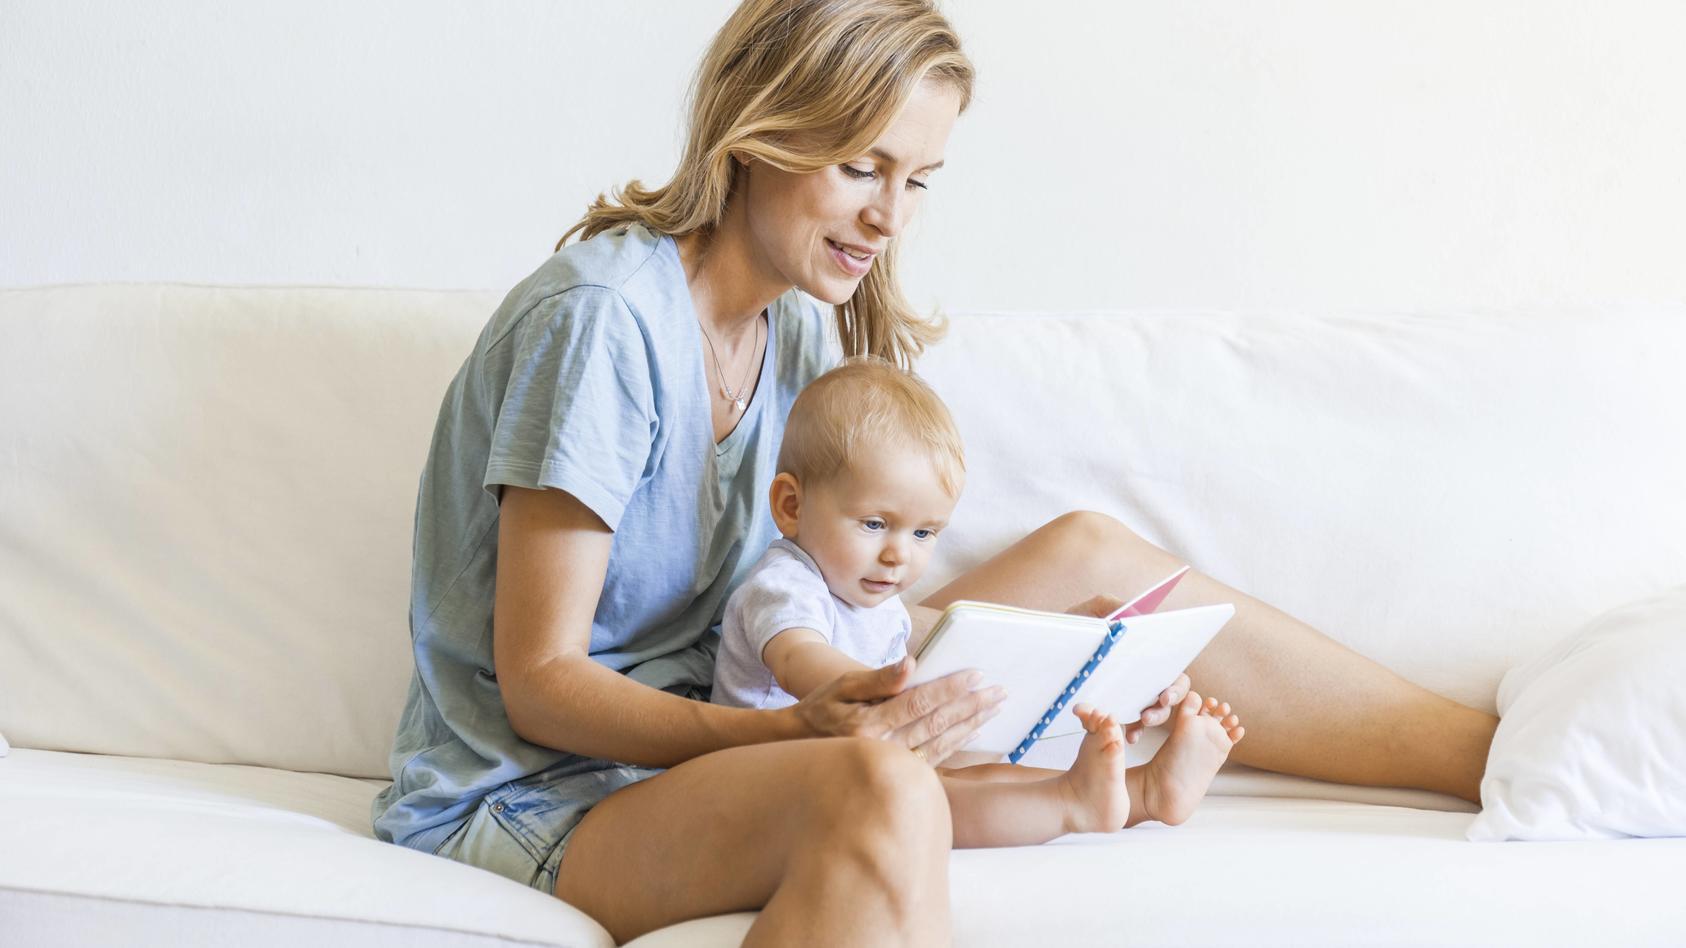 Mutter und Kind schauen sich gemeinsam ein Buch an.